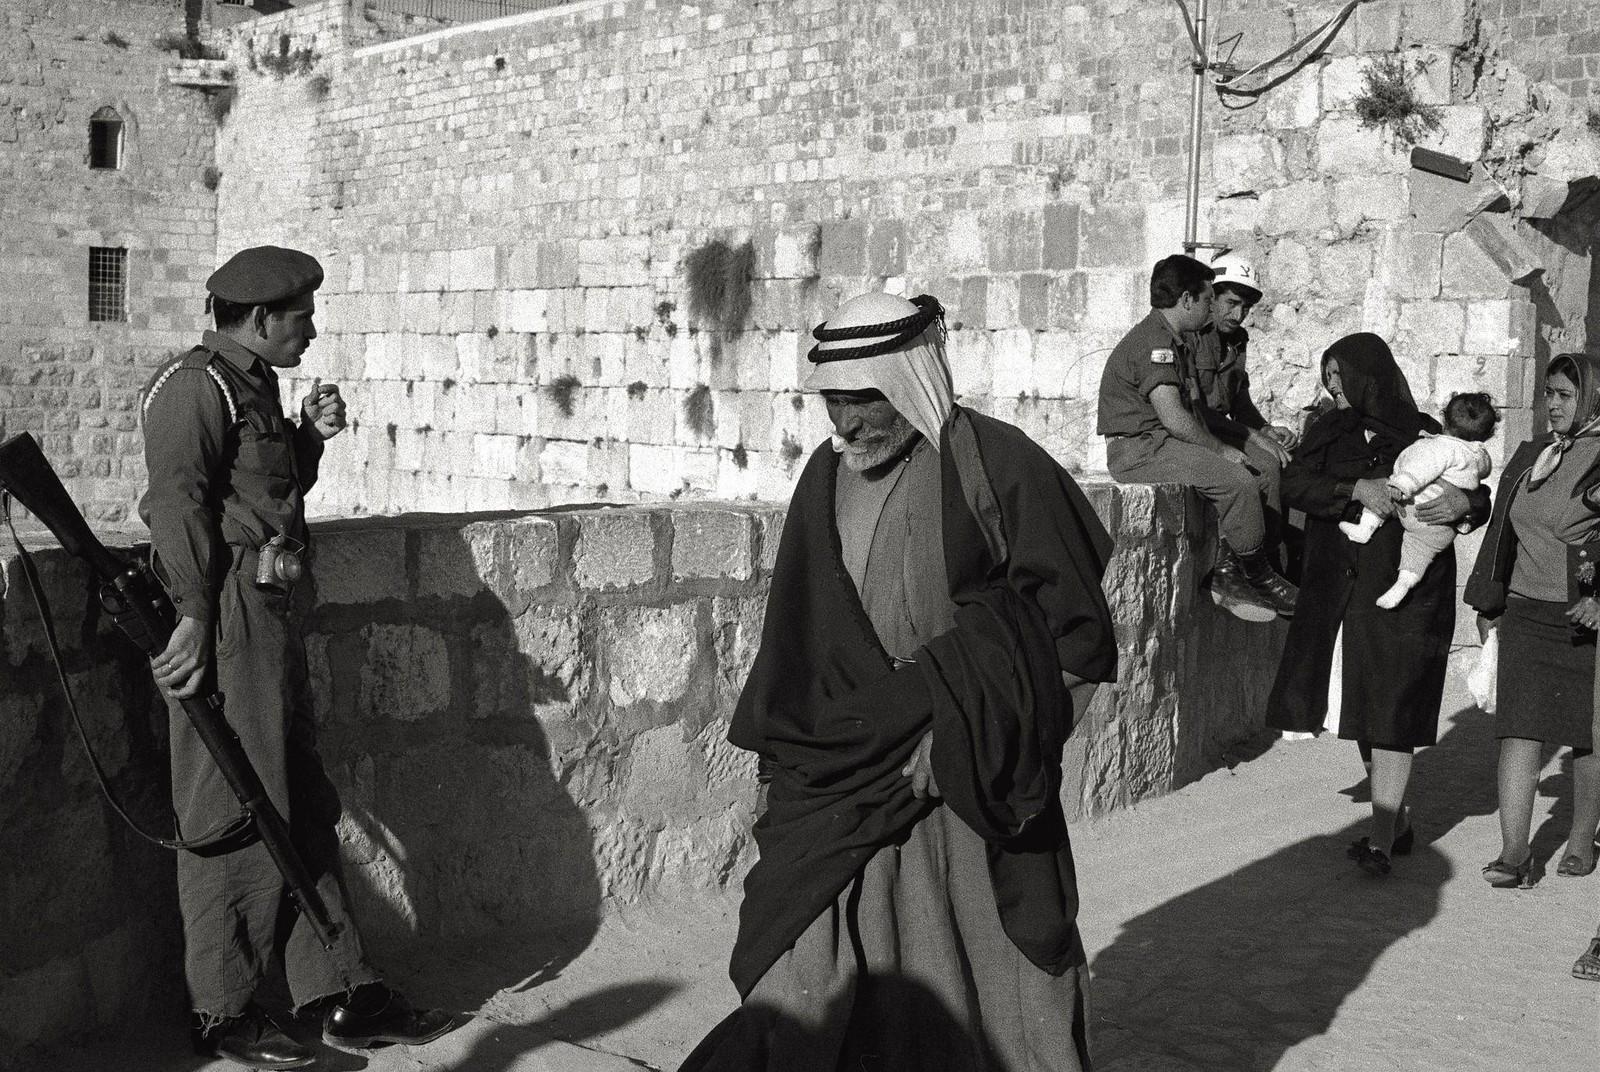 11. Израильский патруль в Старом городе во время арабских волнений